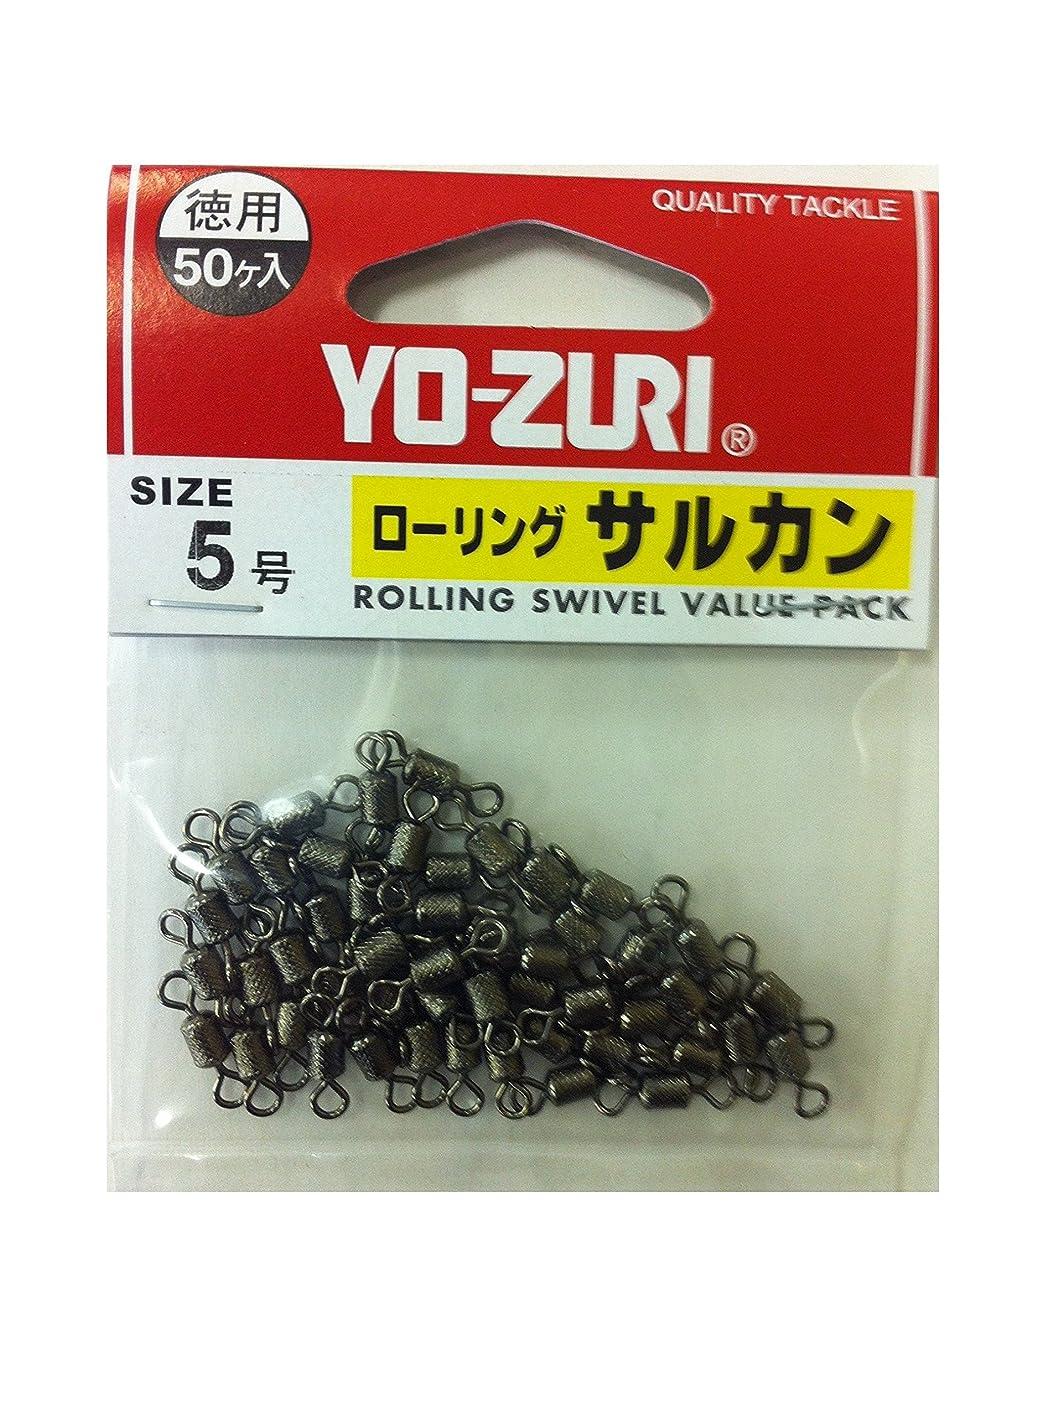 縮約消毒する楽しませるYO-ZURI(ヨーヅリ) 雑品?小物: ローリングサルカン徳用 黒 1号~8号